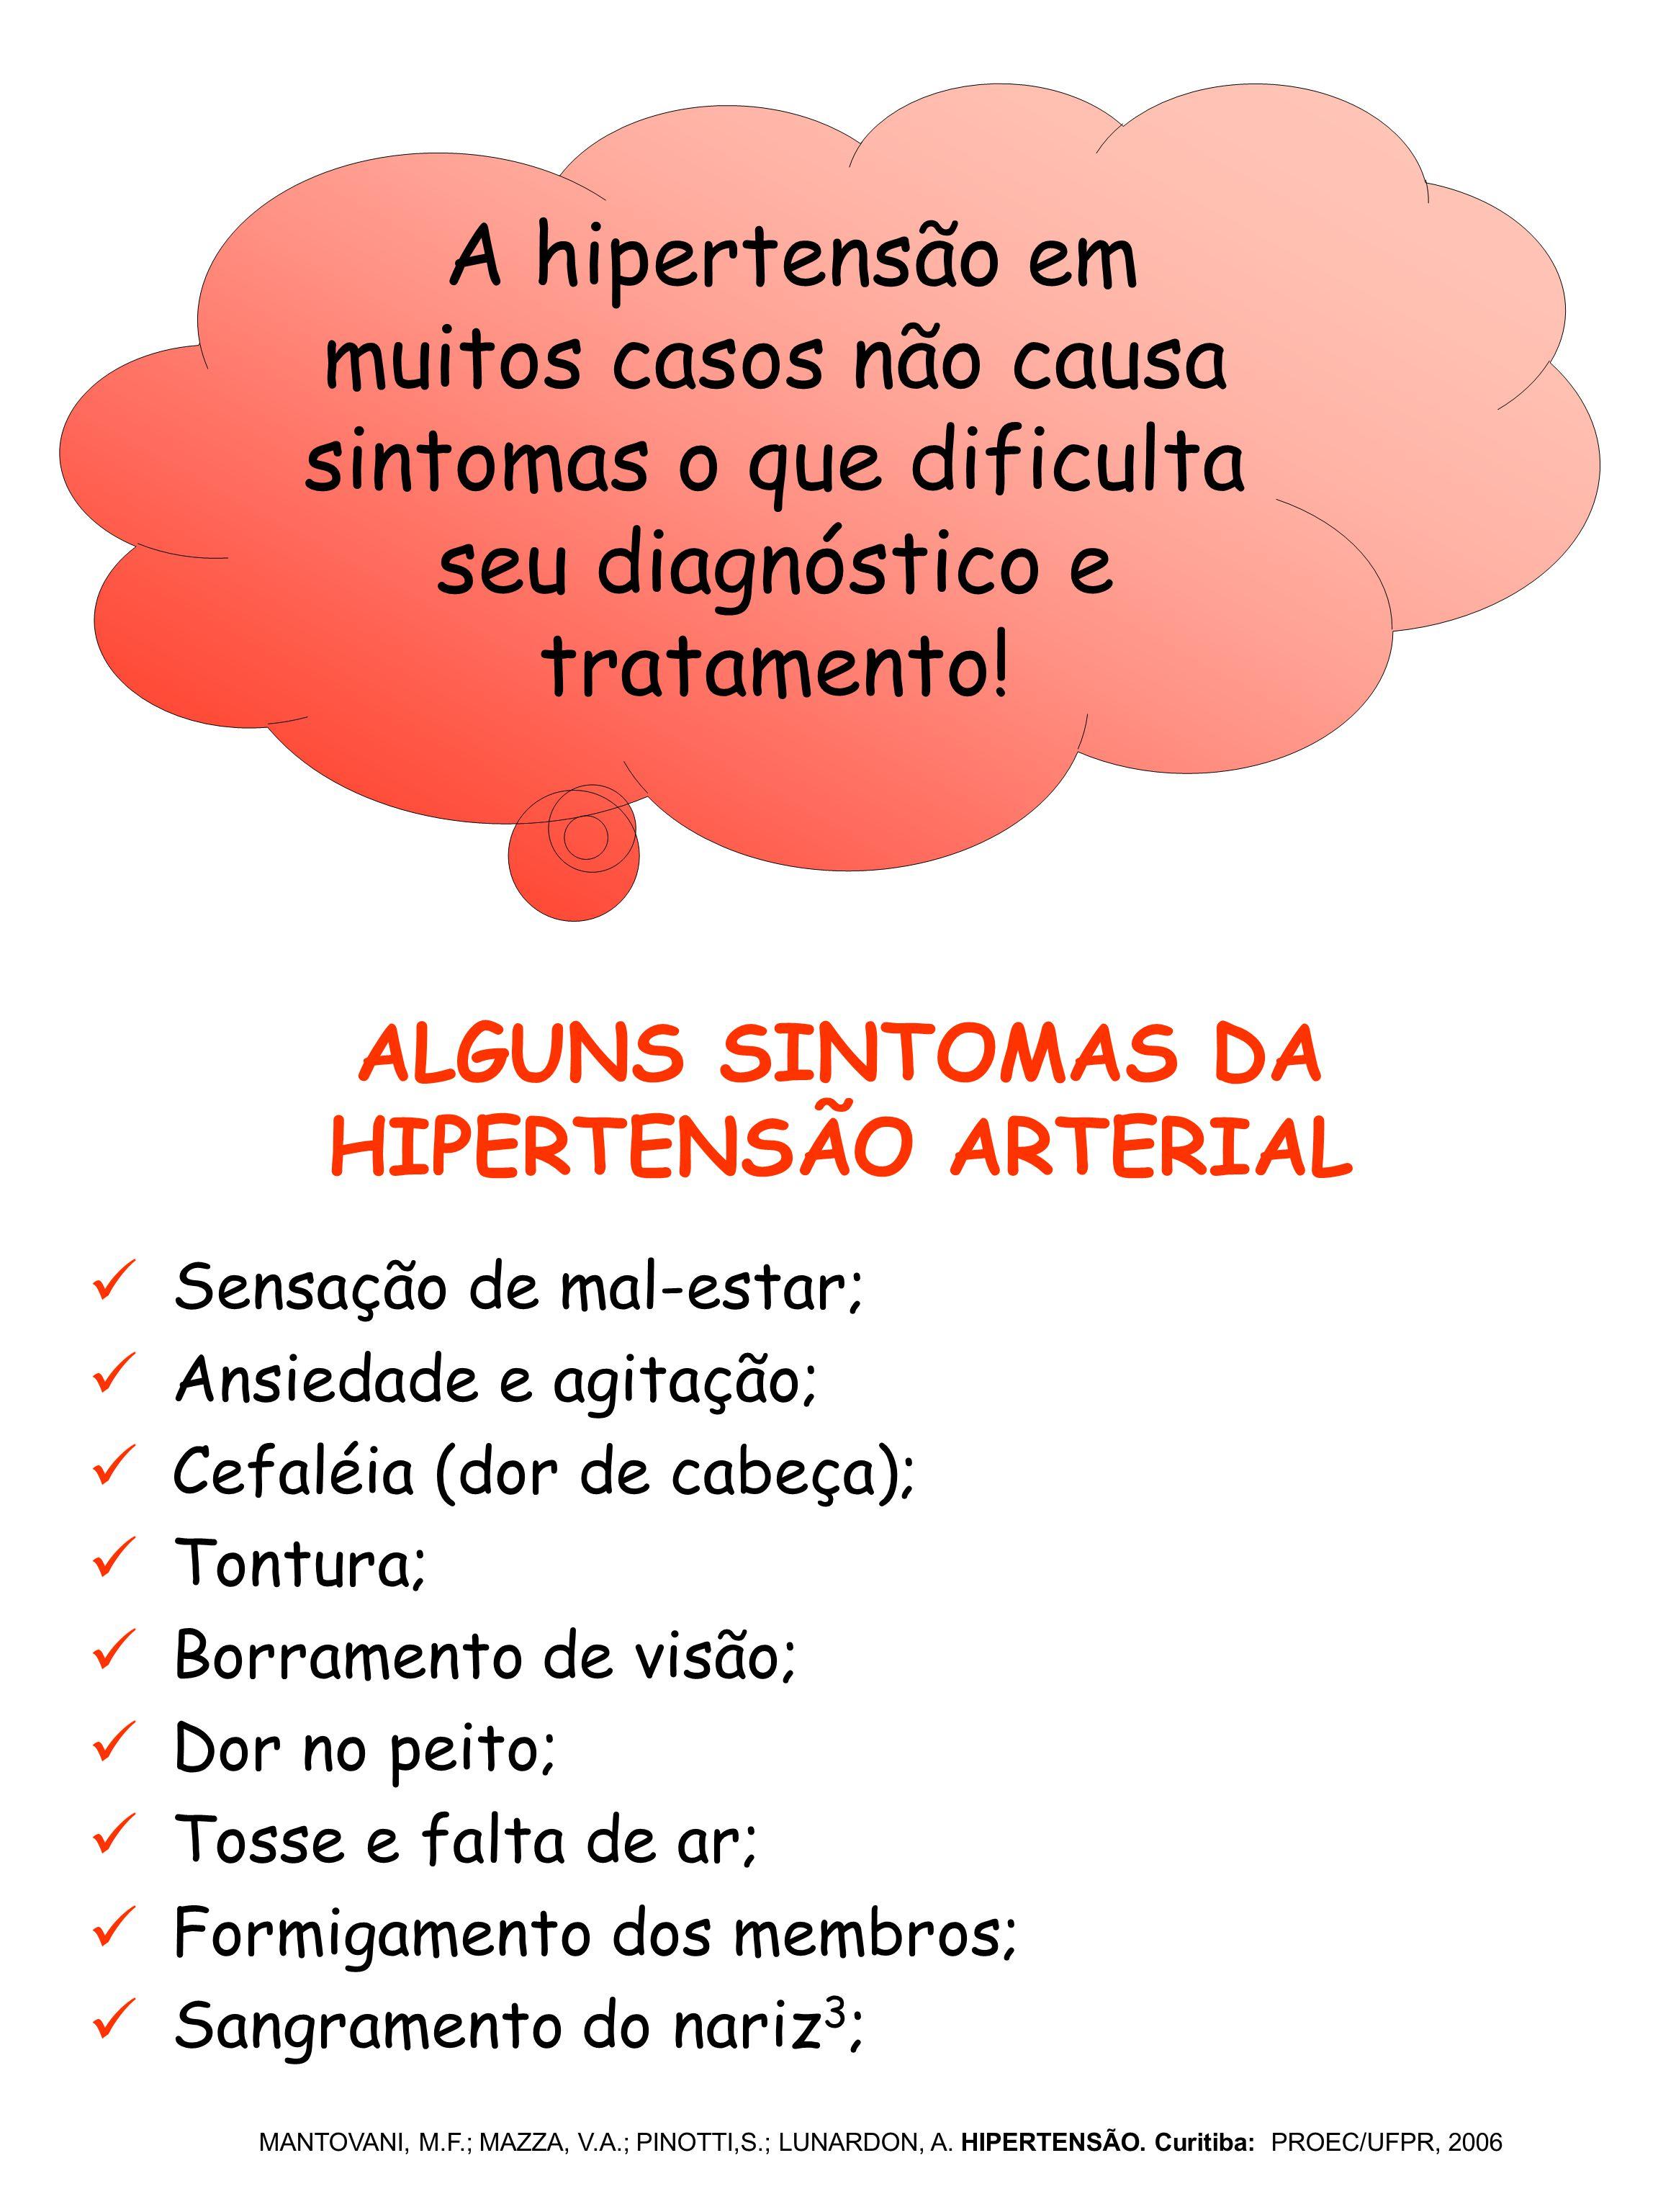 ALGUNS SINTOMAS DA HIPERTENSÃO ARTERIAL